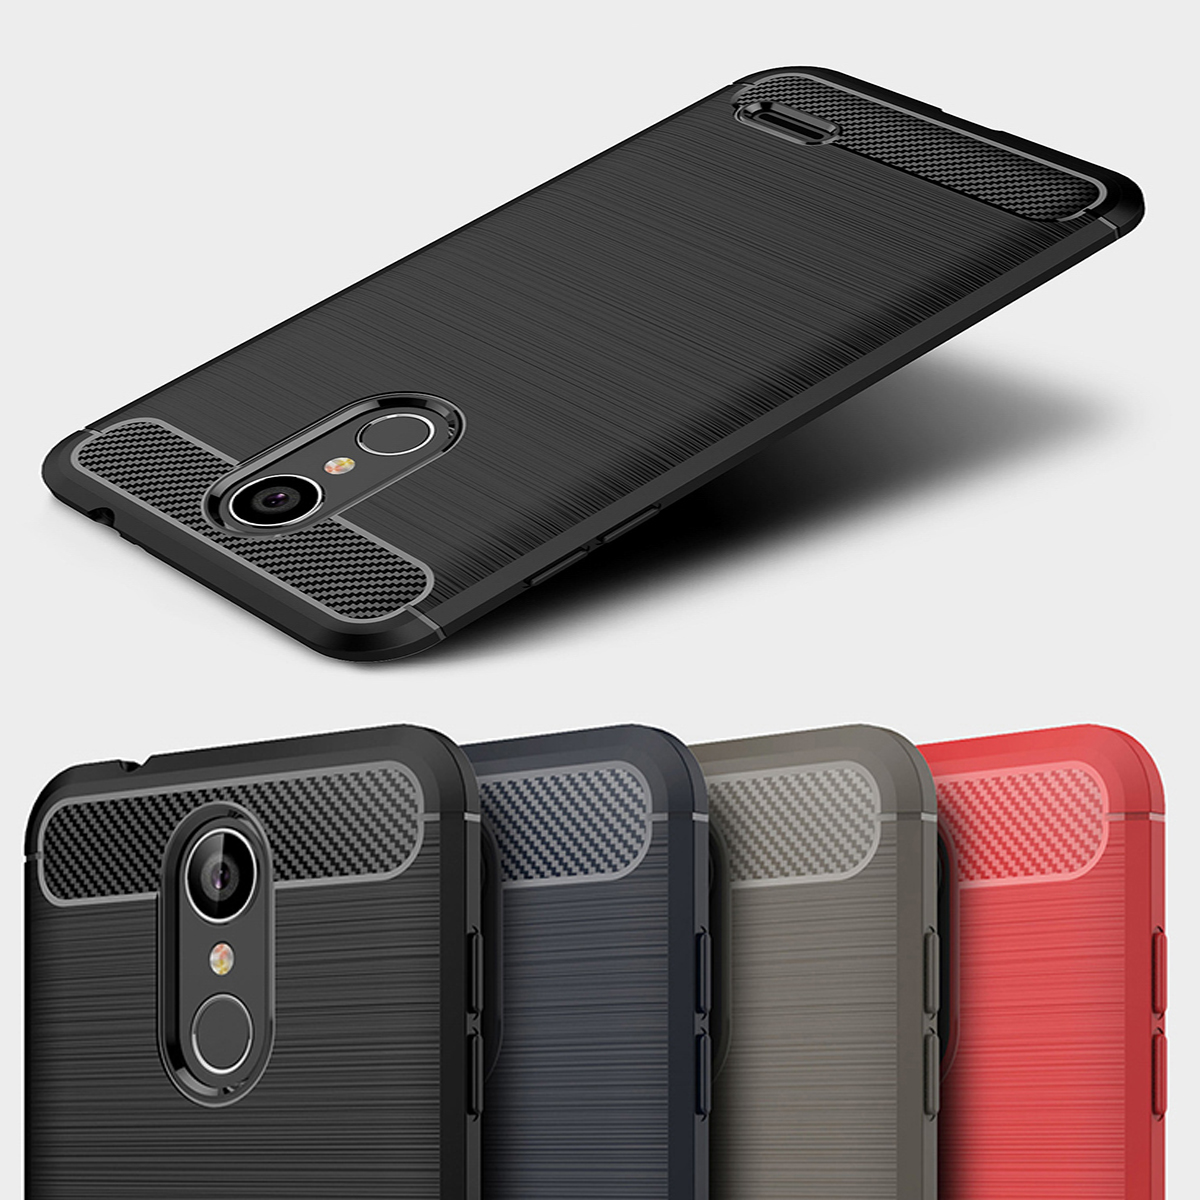 Bolomboy Carbon Fiber Case For LG Q7 Case Silicone Cases For LG V40 V30S V30 Plus Q6 G6 Mini Q Stylo K8 K10 2018 G7 G6 Cover